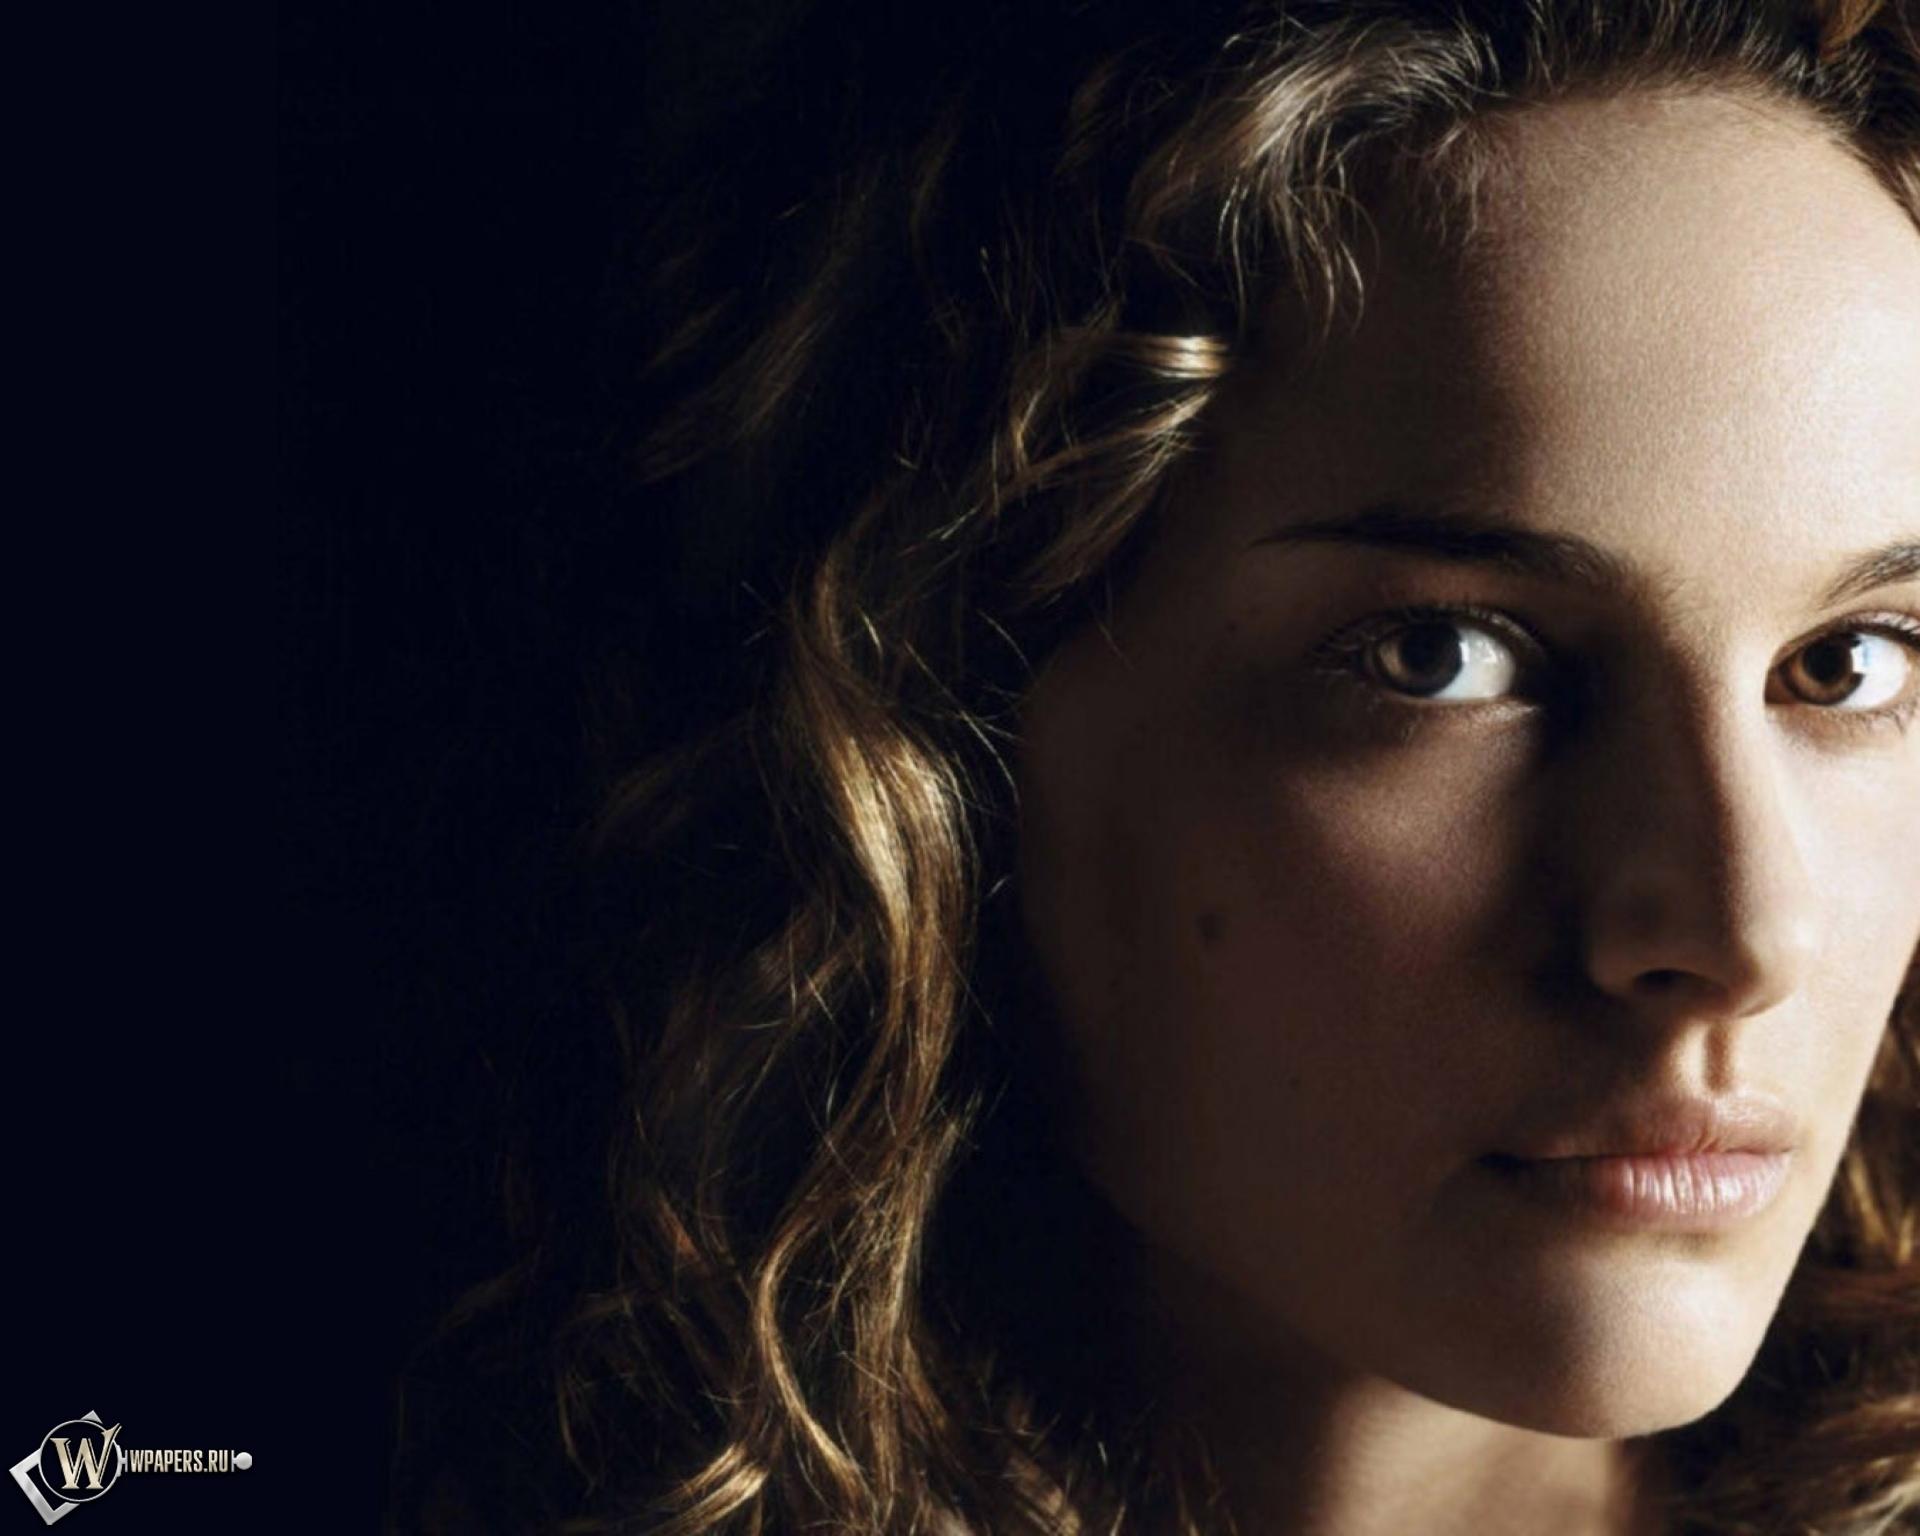 Natalie Portman em hebraico נטלי פורטמן nome artístico de NetaLee Hershlag 3 1 נטלי הרשלג Jerusalém 9 de junho de 1981 é uma atriz